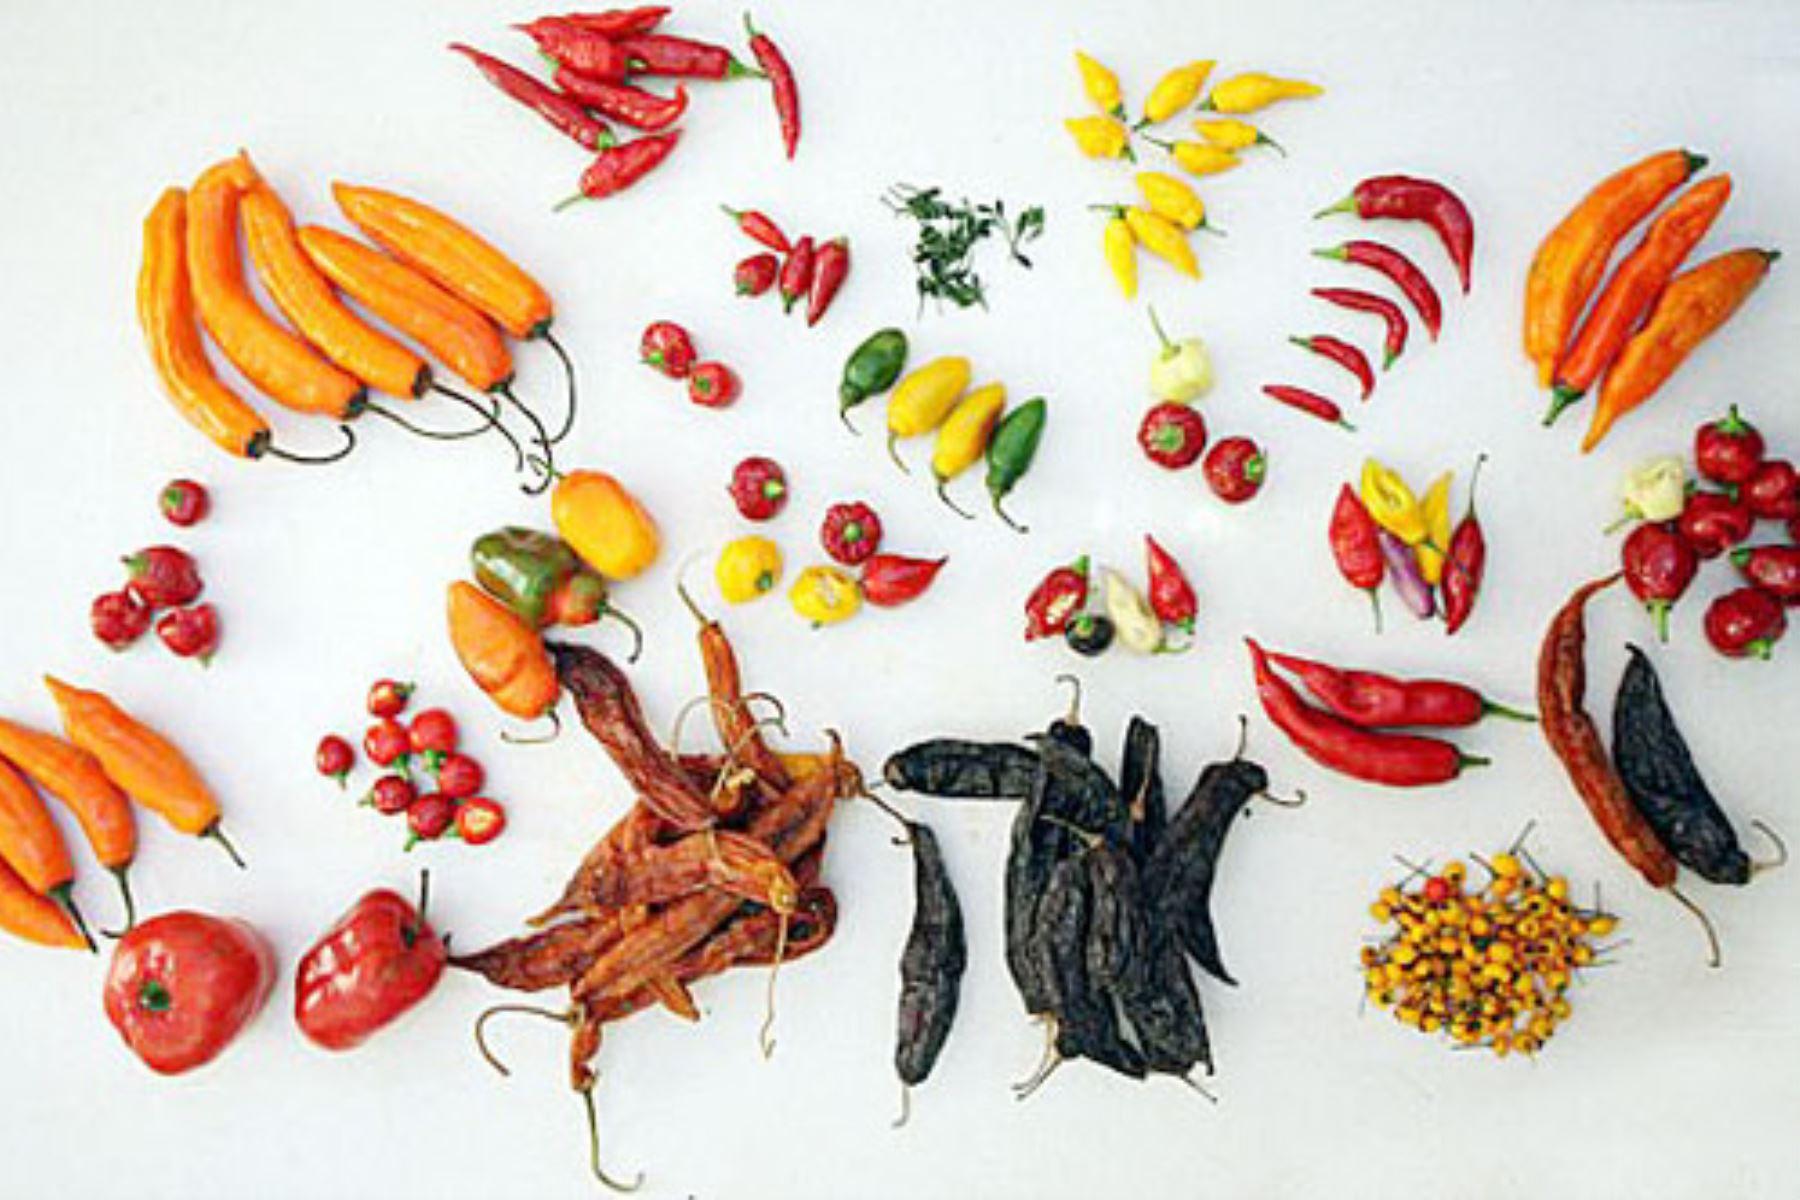 La gastronomía peruana no existiría sin la presencia del ají. Y el territorio nacional ha sido bendecido con una gran diversidad de ajíes que se han convertido en embajadores de las cocinas regionales, gracias a la labor de los agricultores que los cultivan desde tiempos ancestrales y a una tradición culinaria que aporta identidad.